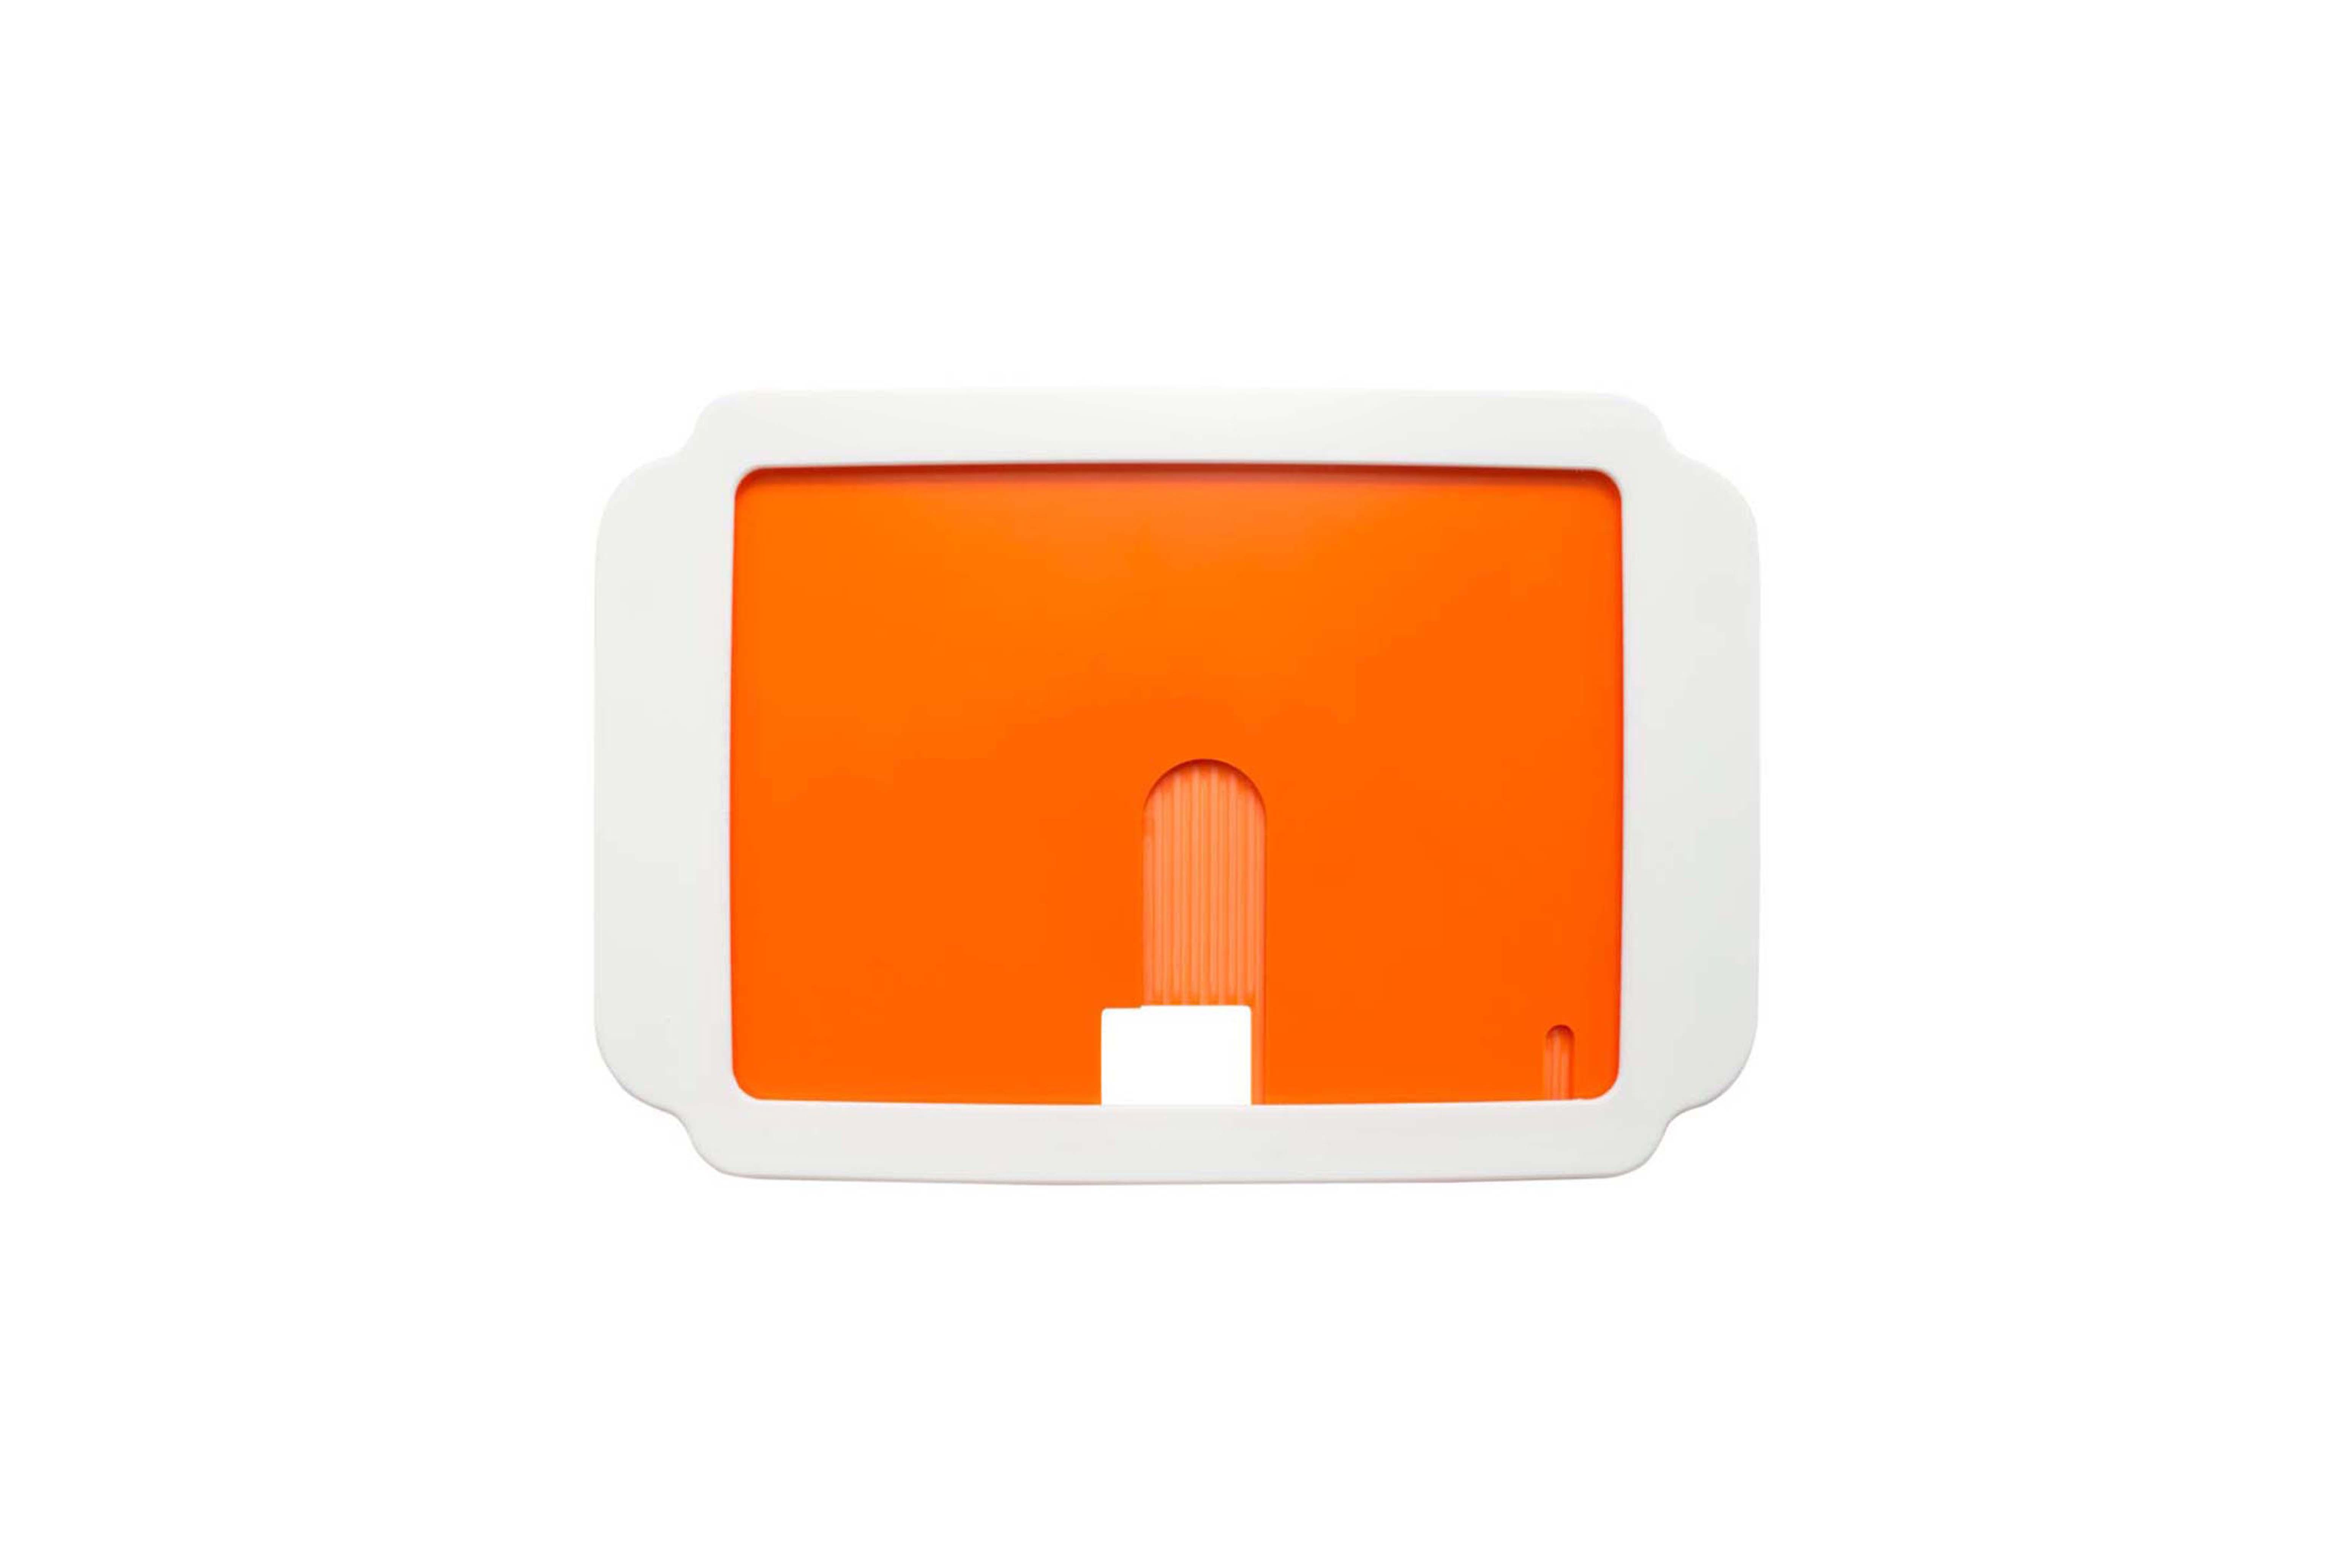 フリック ラージケース - オレンジ/ホワイト